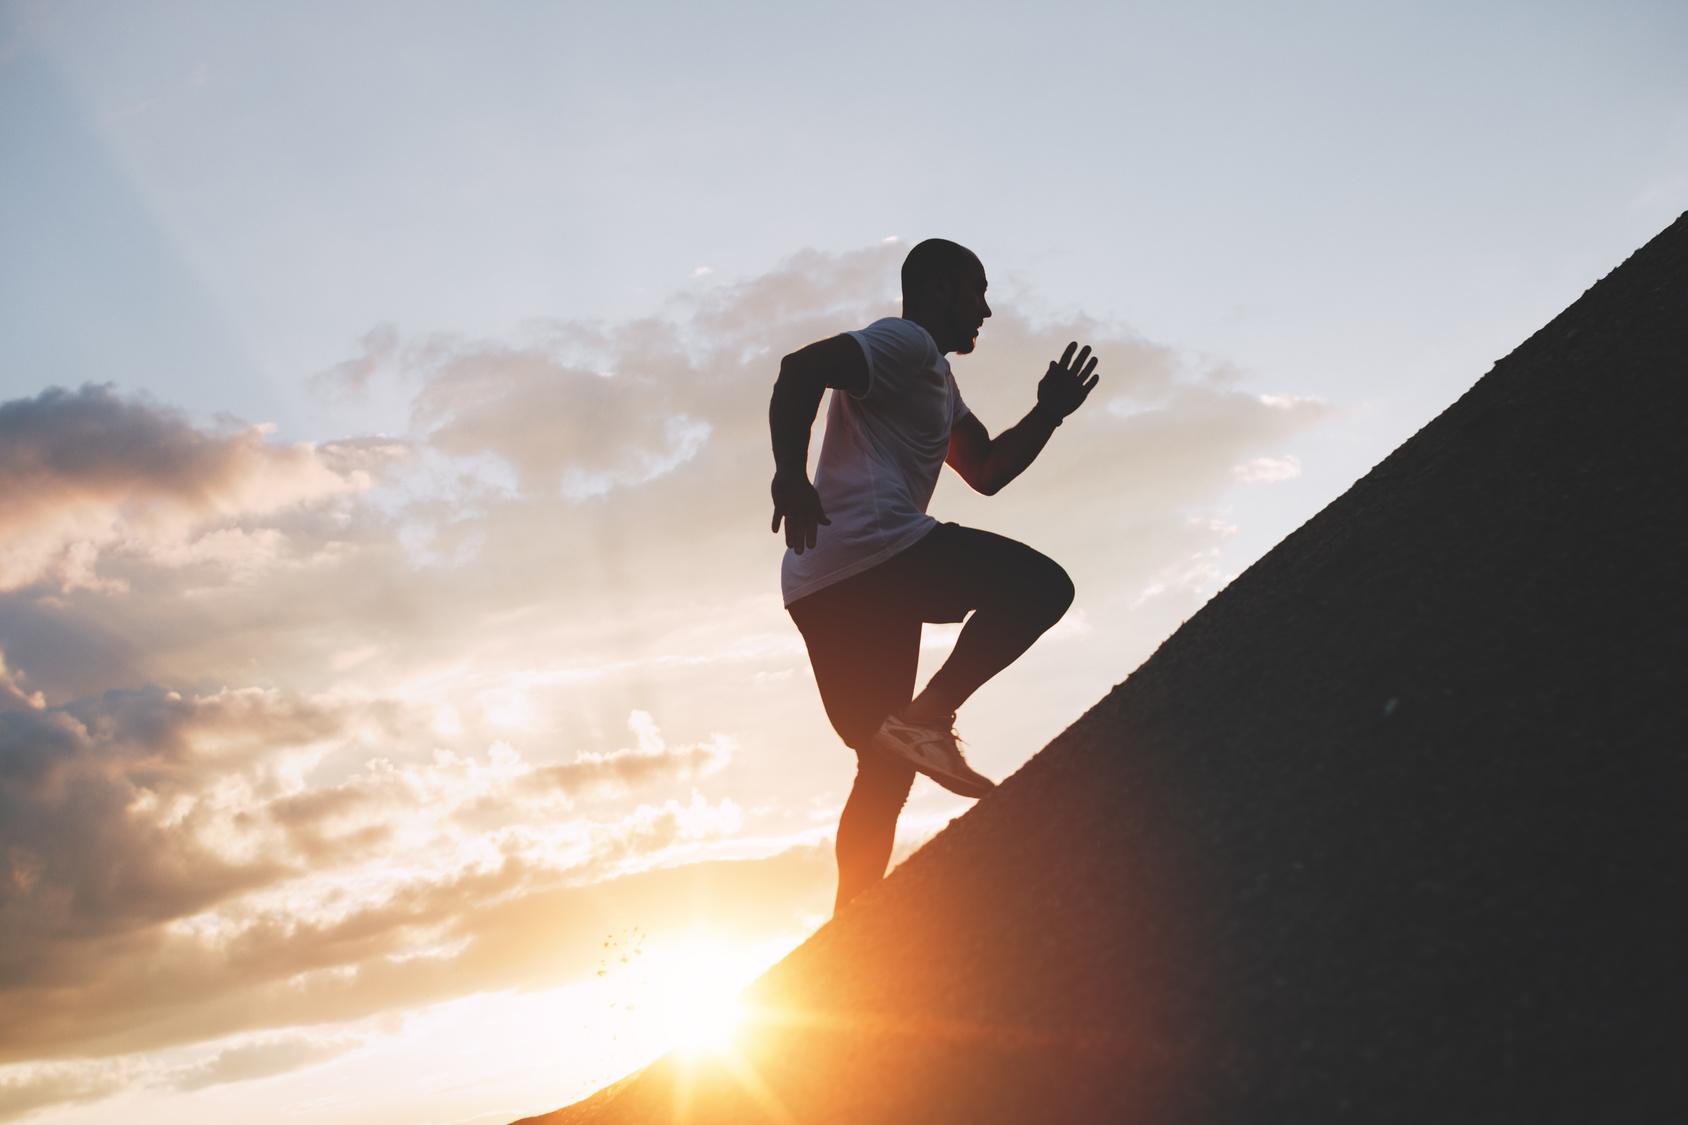 نحوه ی صحیح دویدن در سربالایی